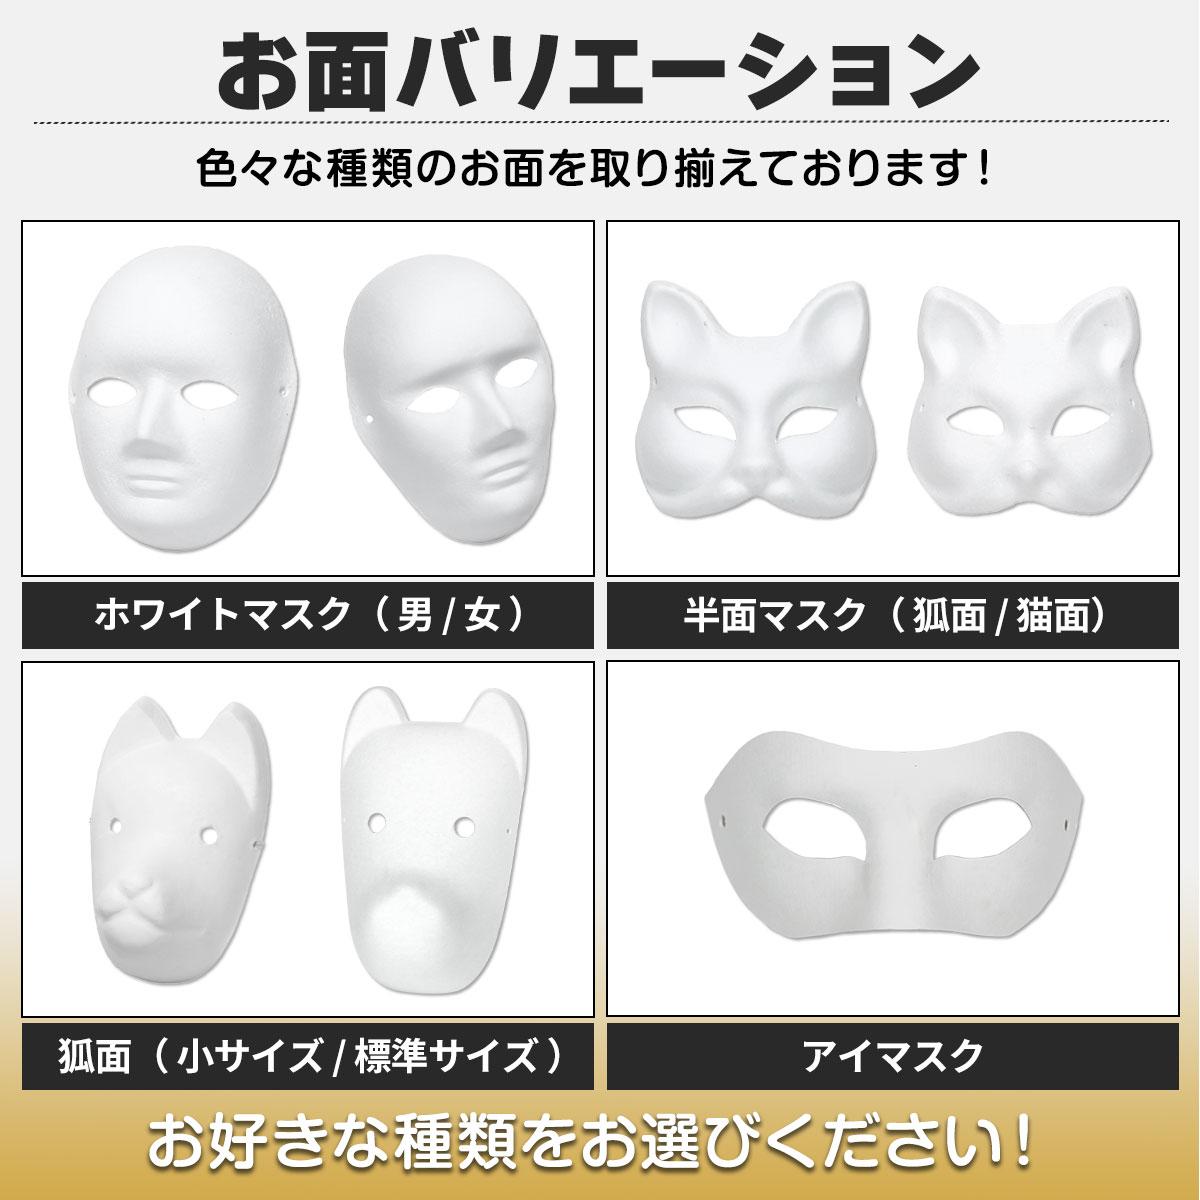 お面 ホワイトマスク 仮面 無地 ペイント 紙パルプ製 【5枚セット】